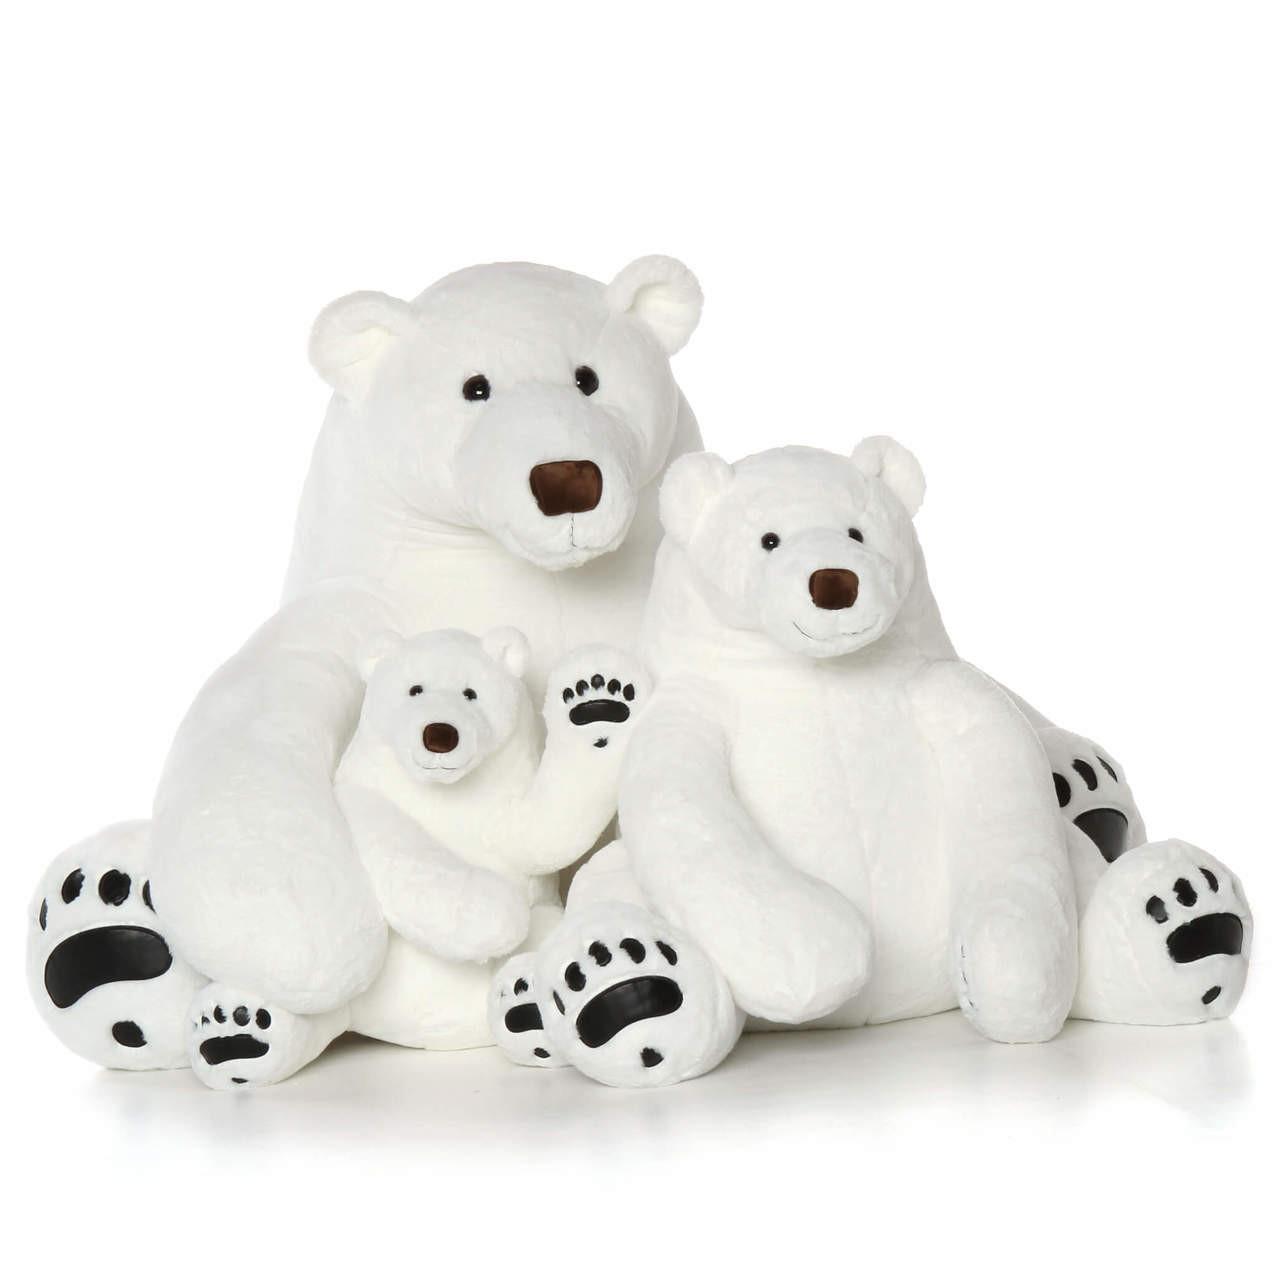 Giant Stuffed Polar Bear Family